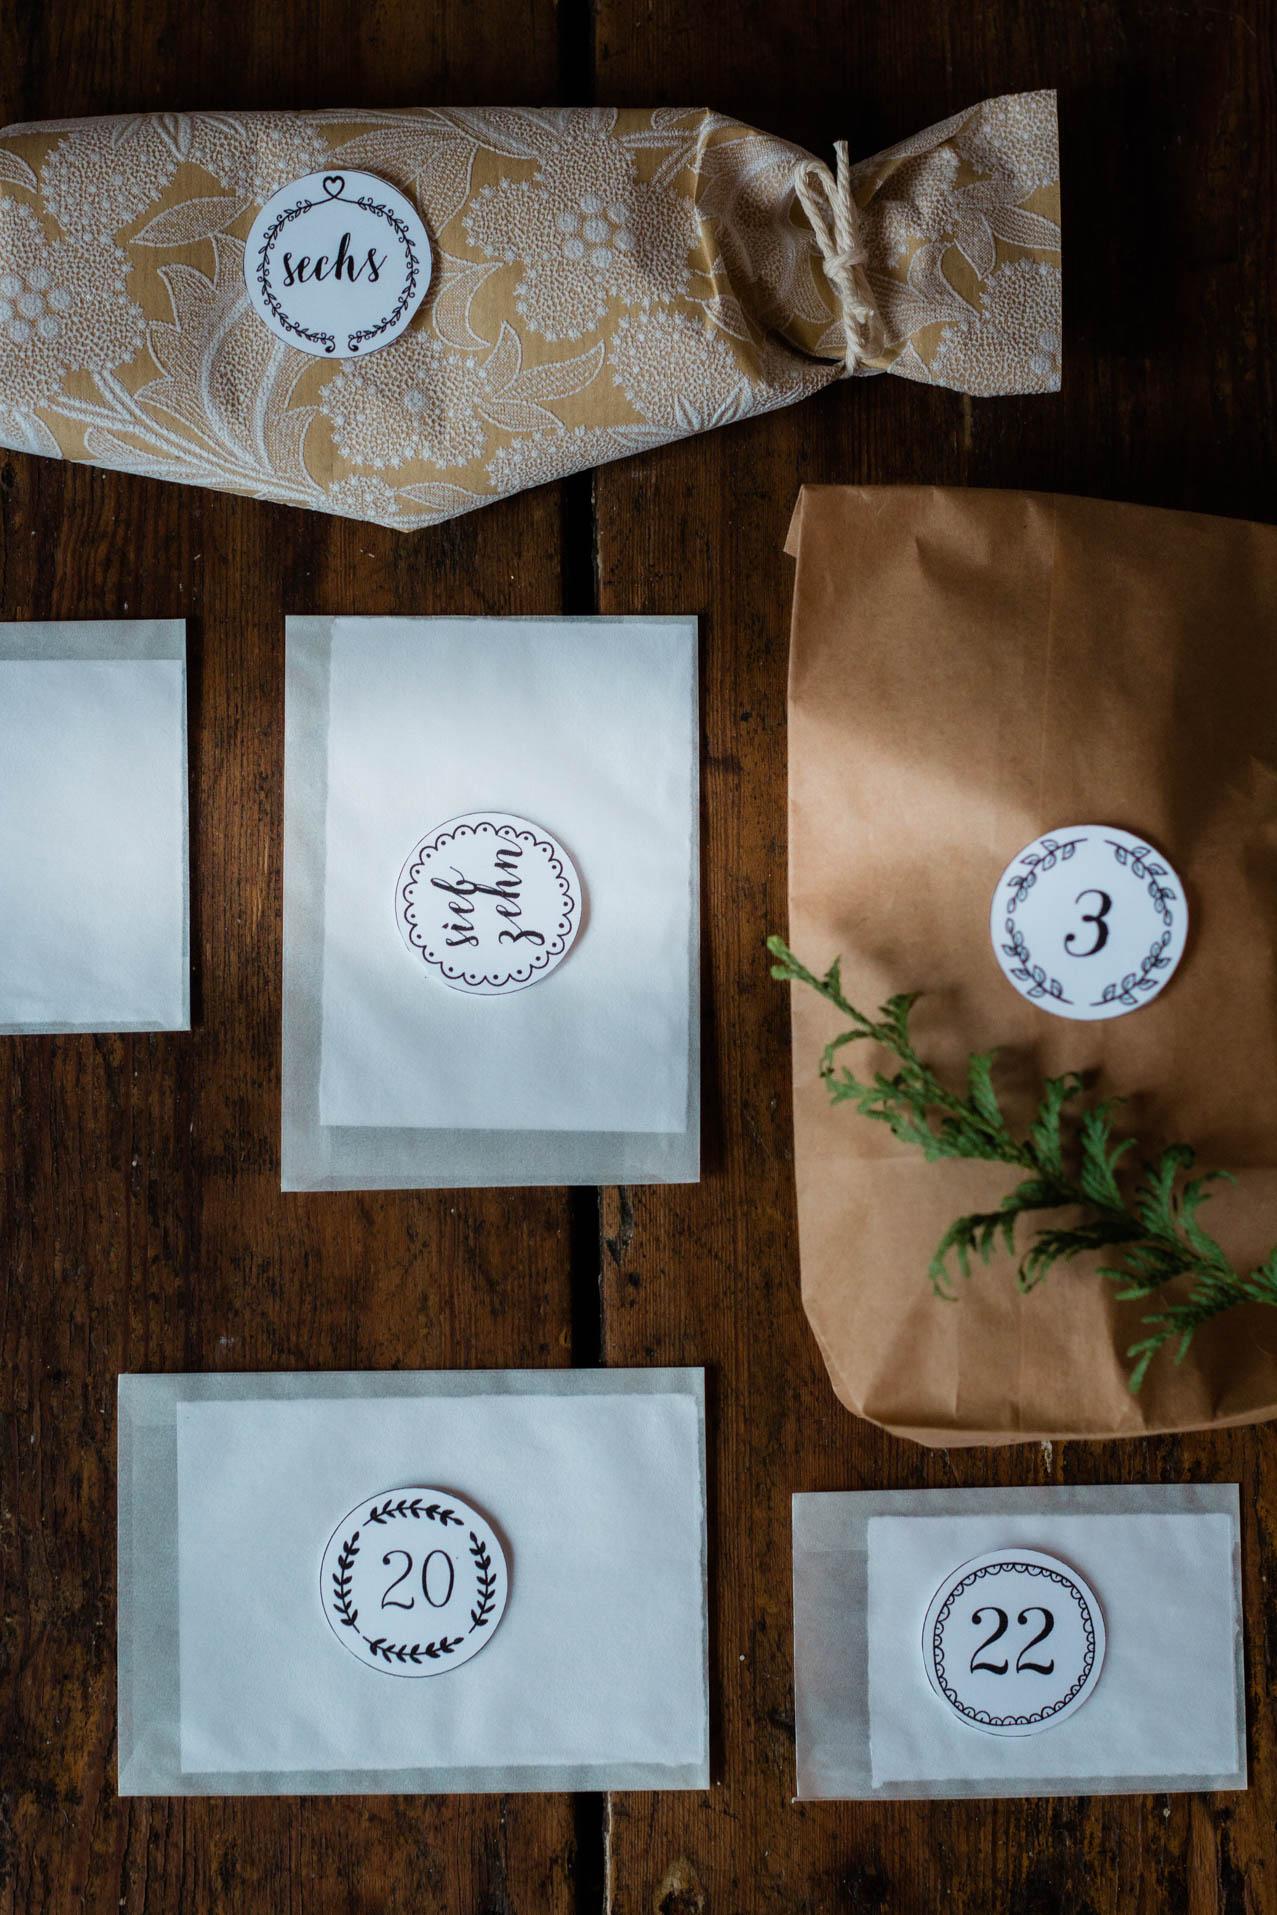 Ideen für einfachen, minimalistischen Adventskalender mit Kind - Zeit statt Zeug {flowers on my plate}